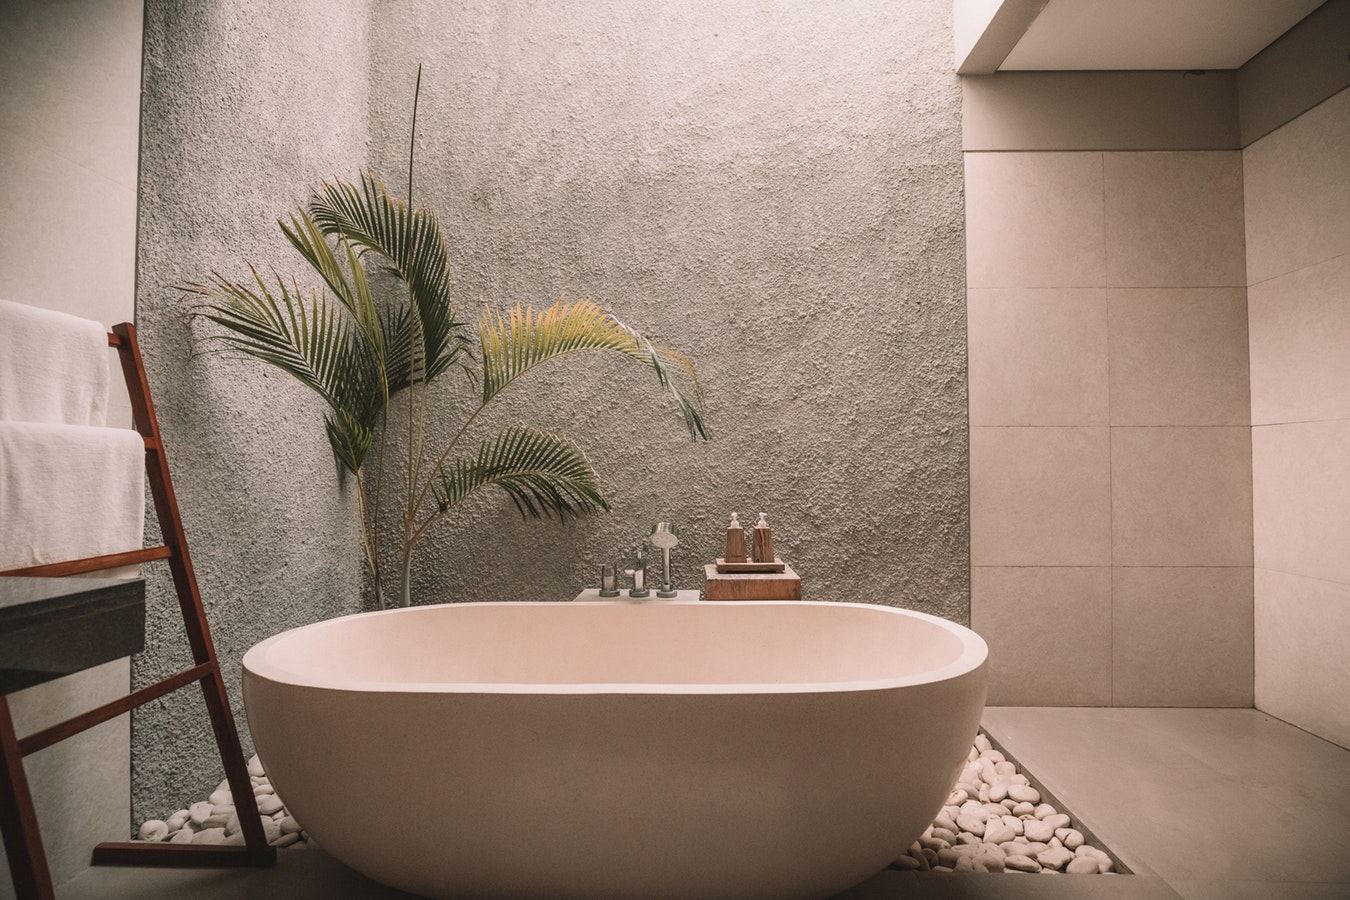 Bagno Esterno In Giardino vuoi realizzare un bagno da esterno nel tuo giardino? ecco